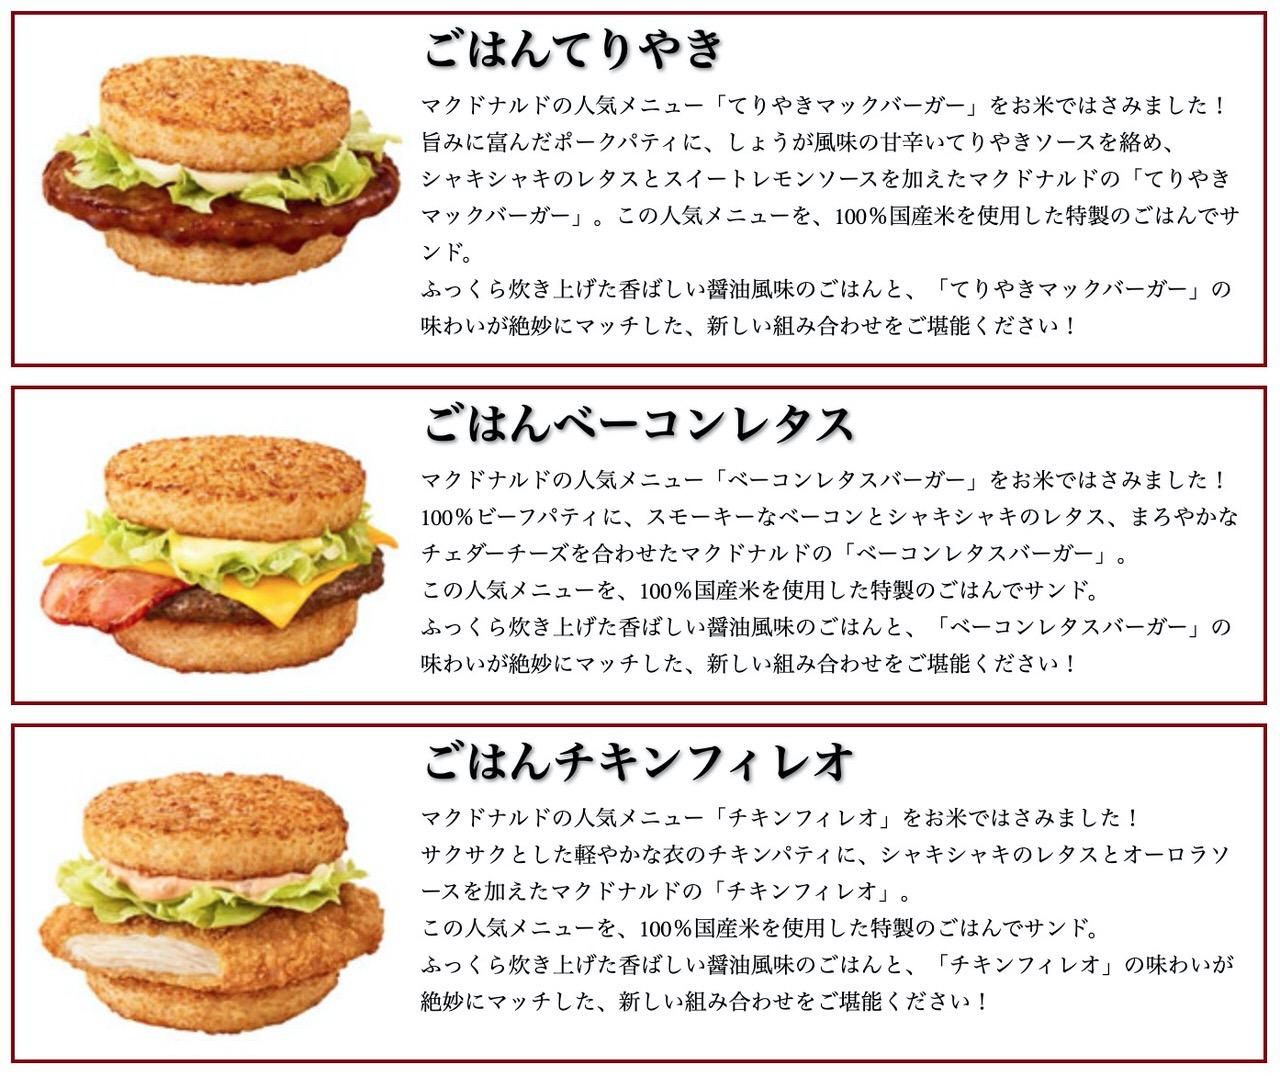 「あぁー、、、お米たべたい」とツイートしていたマクドナルドが「ごはんバーガー」発表!ごはんてりやき・ごはんベーコンレタス・ごはんチキンフィレオ発売へ